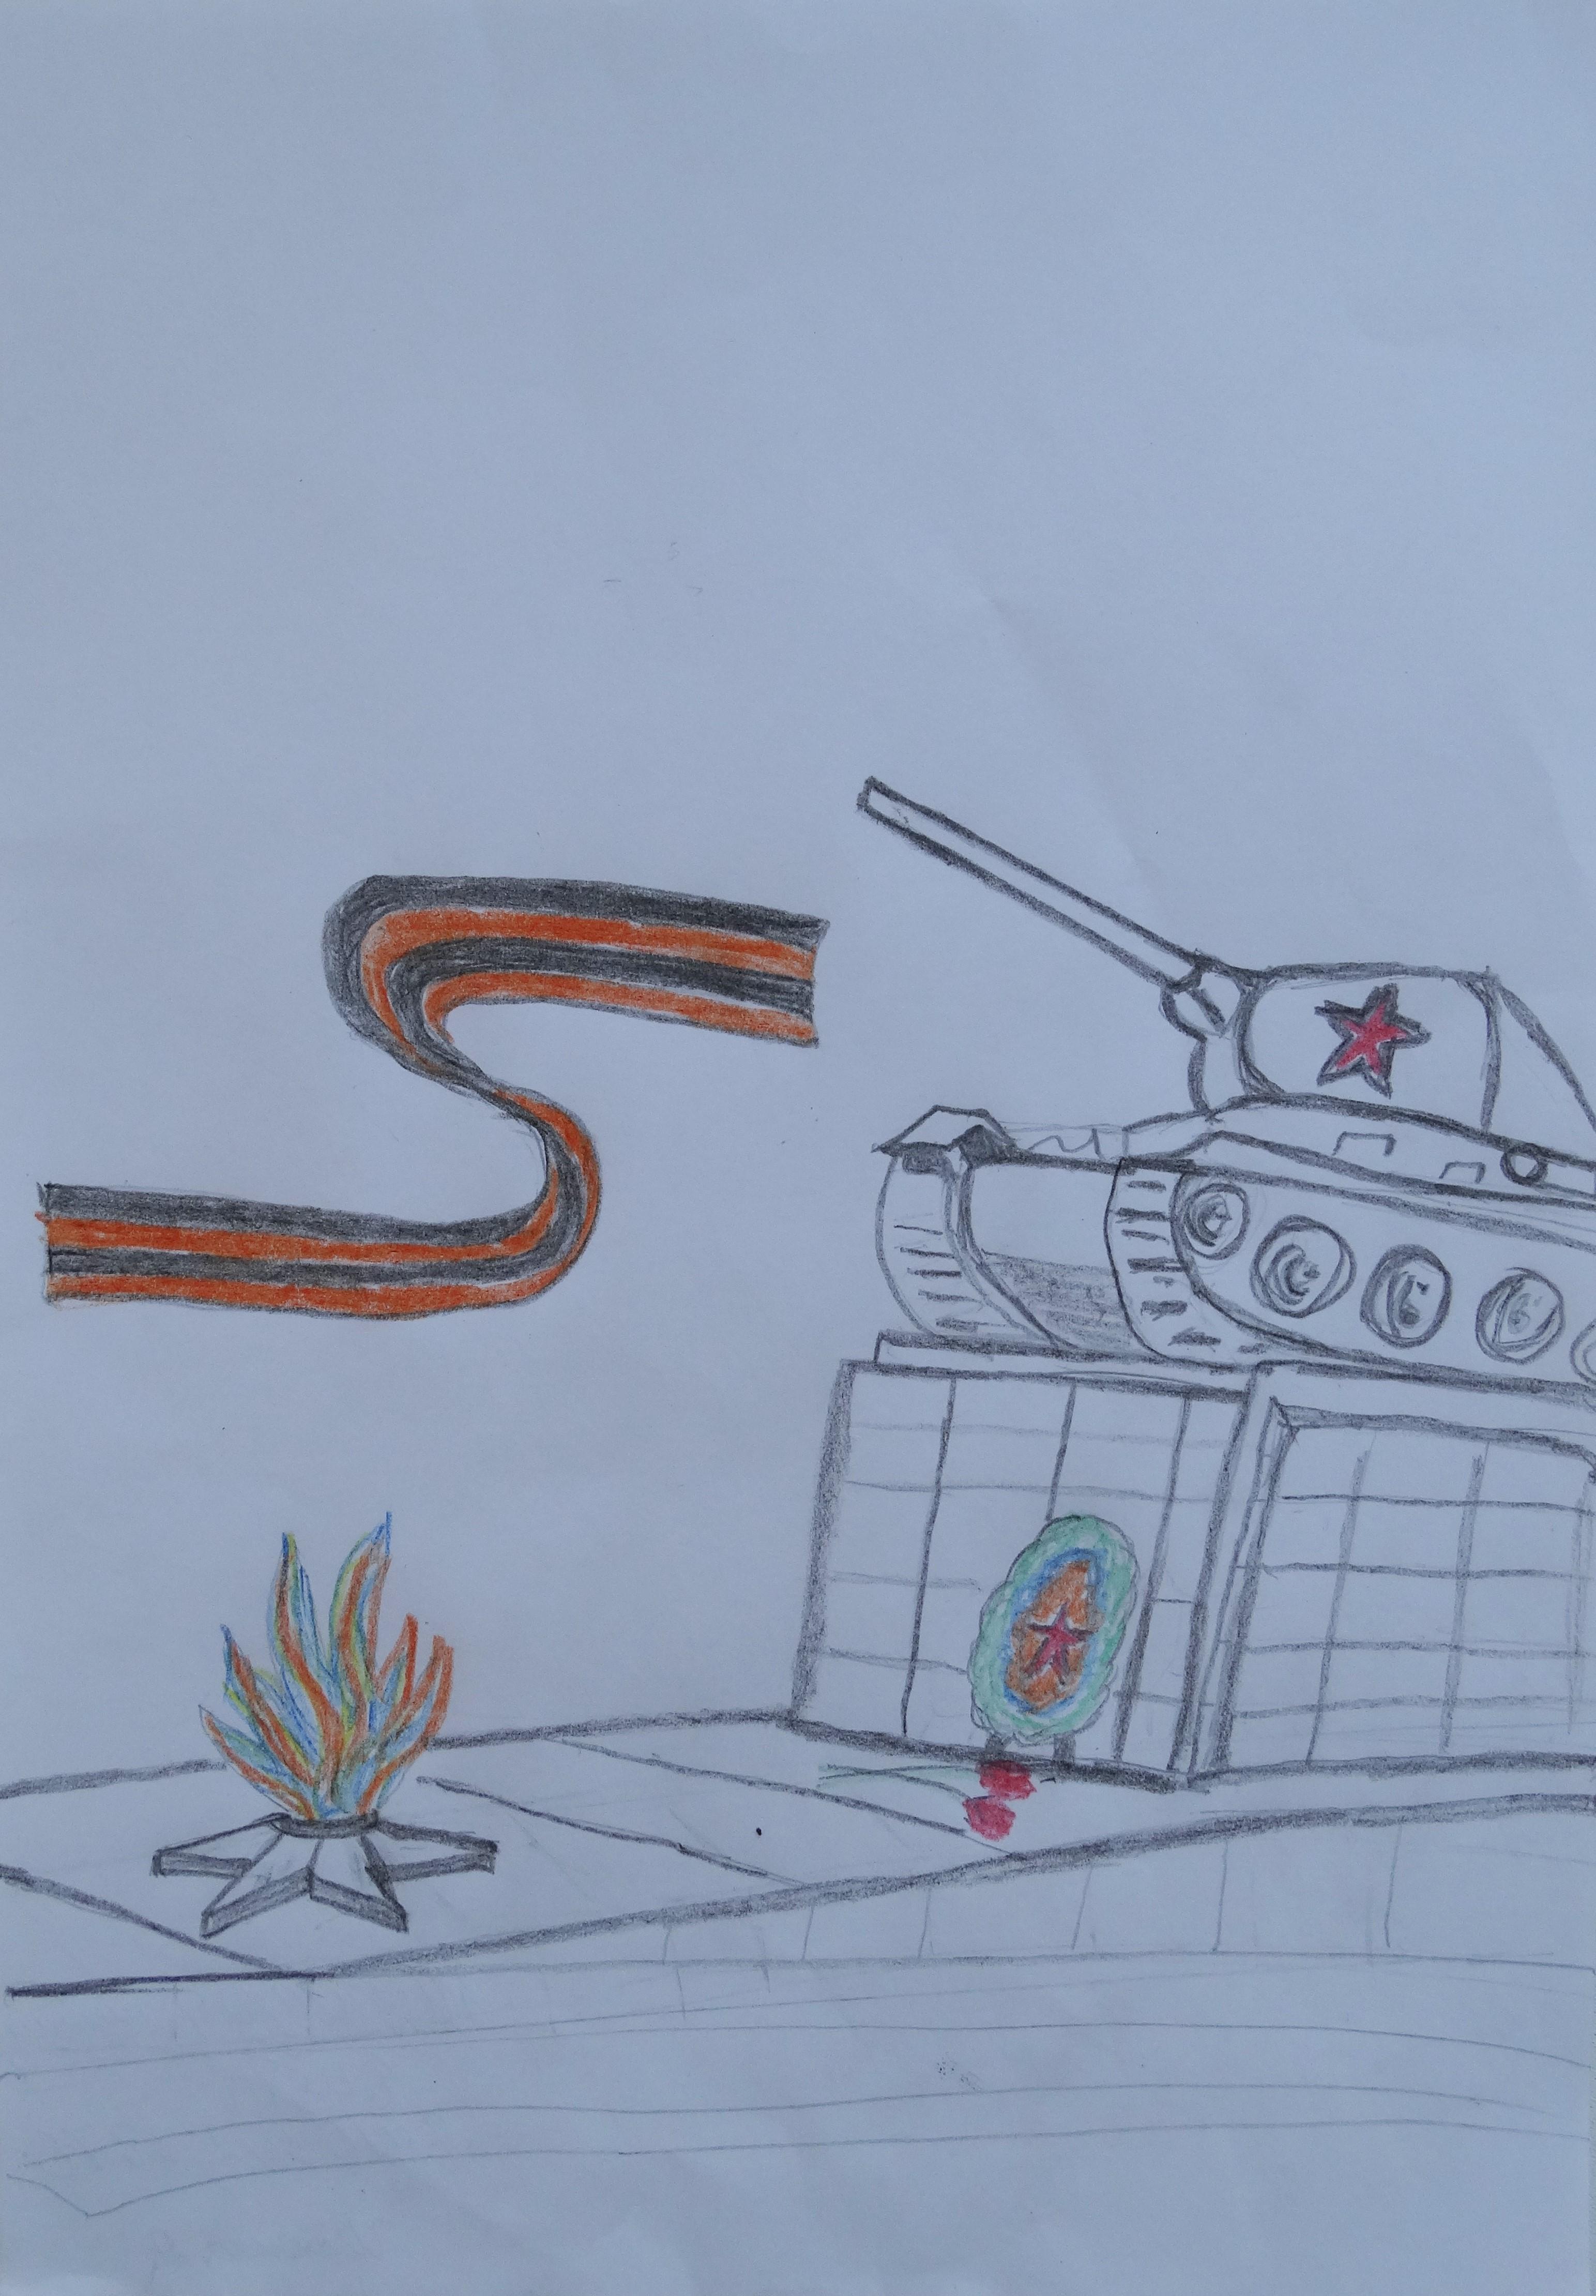 приходилось сквер танкистов рисунок модель подходит под